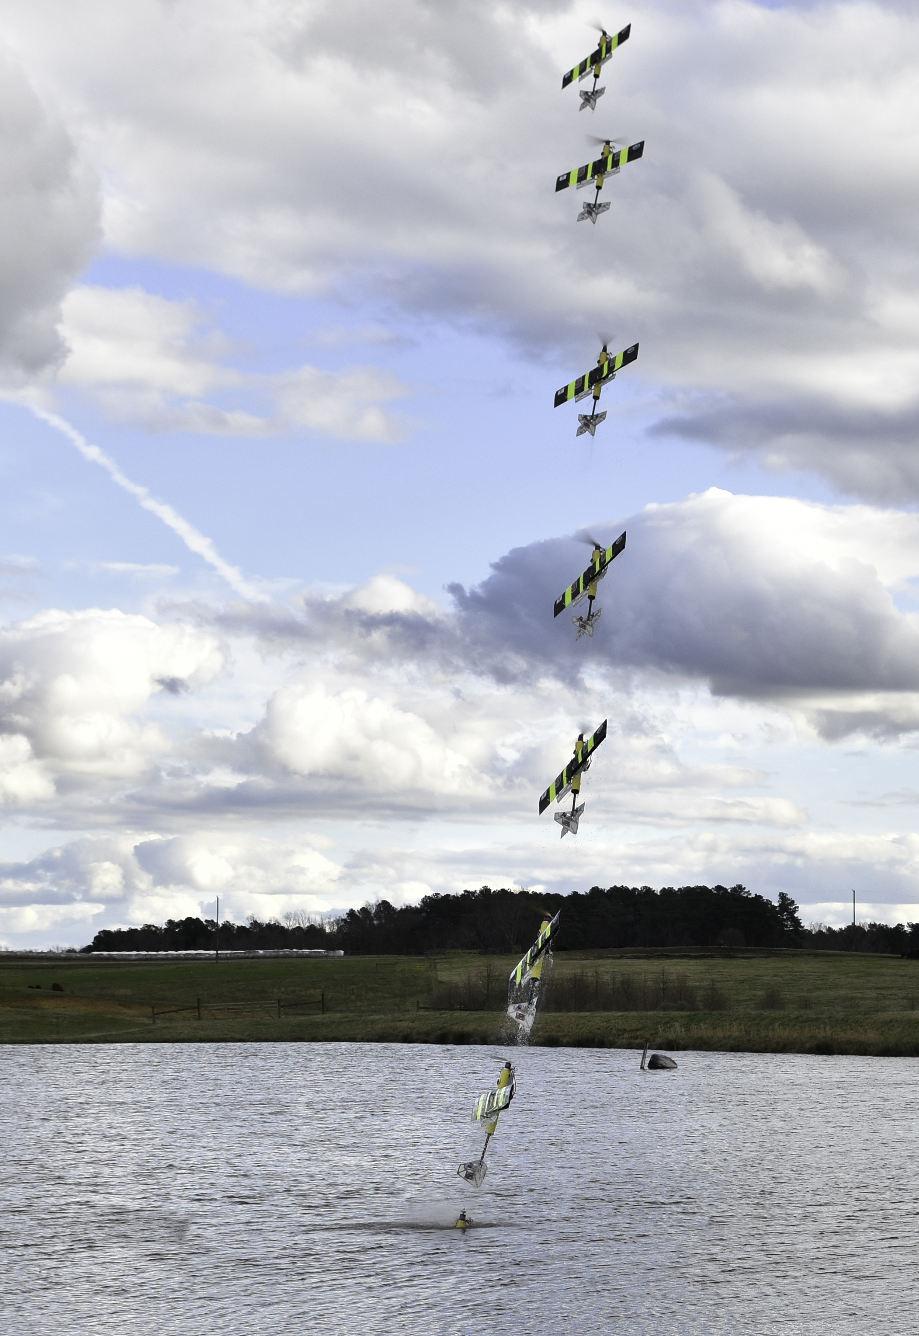 L'EagleRay, un drone volant capable d'aller sous l'eau